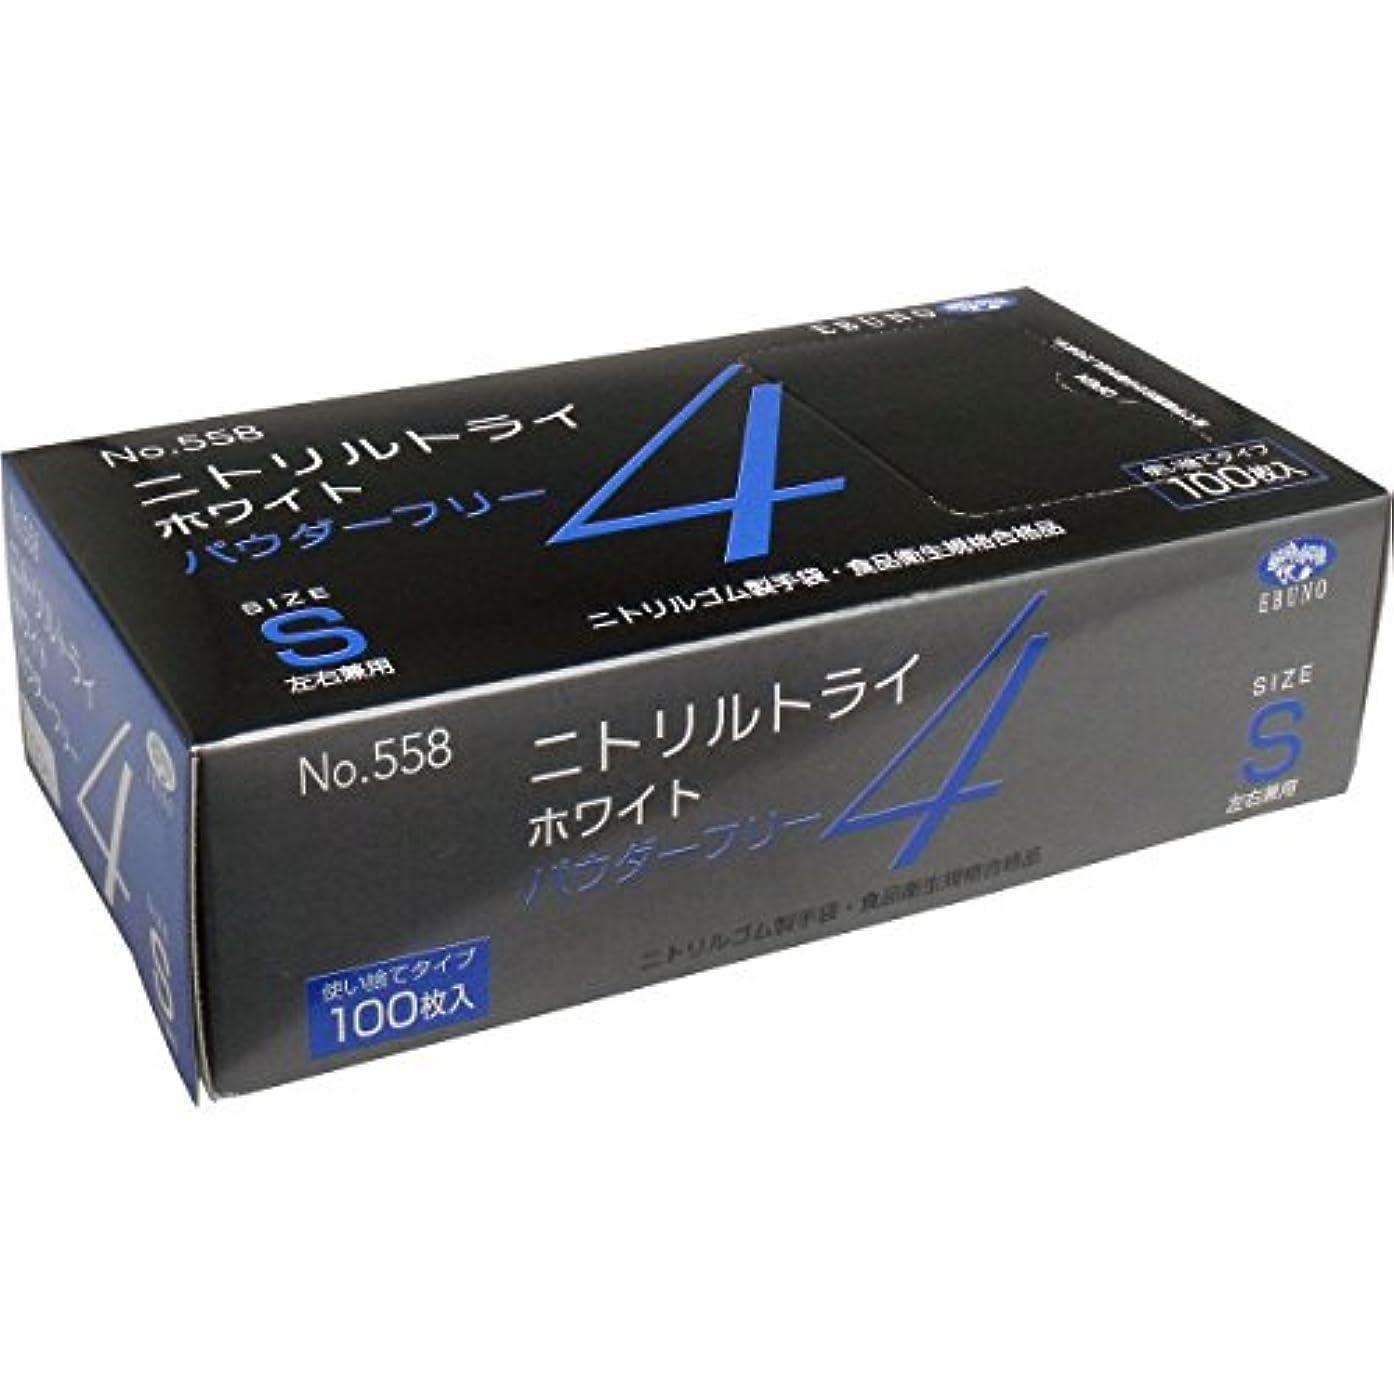 りんご反抗マイクニトリルトライ4 №558 ホワイト 粉無 Sサイズ 100枚入